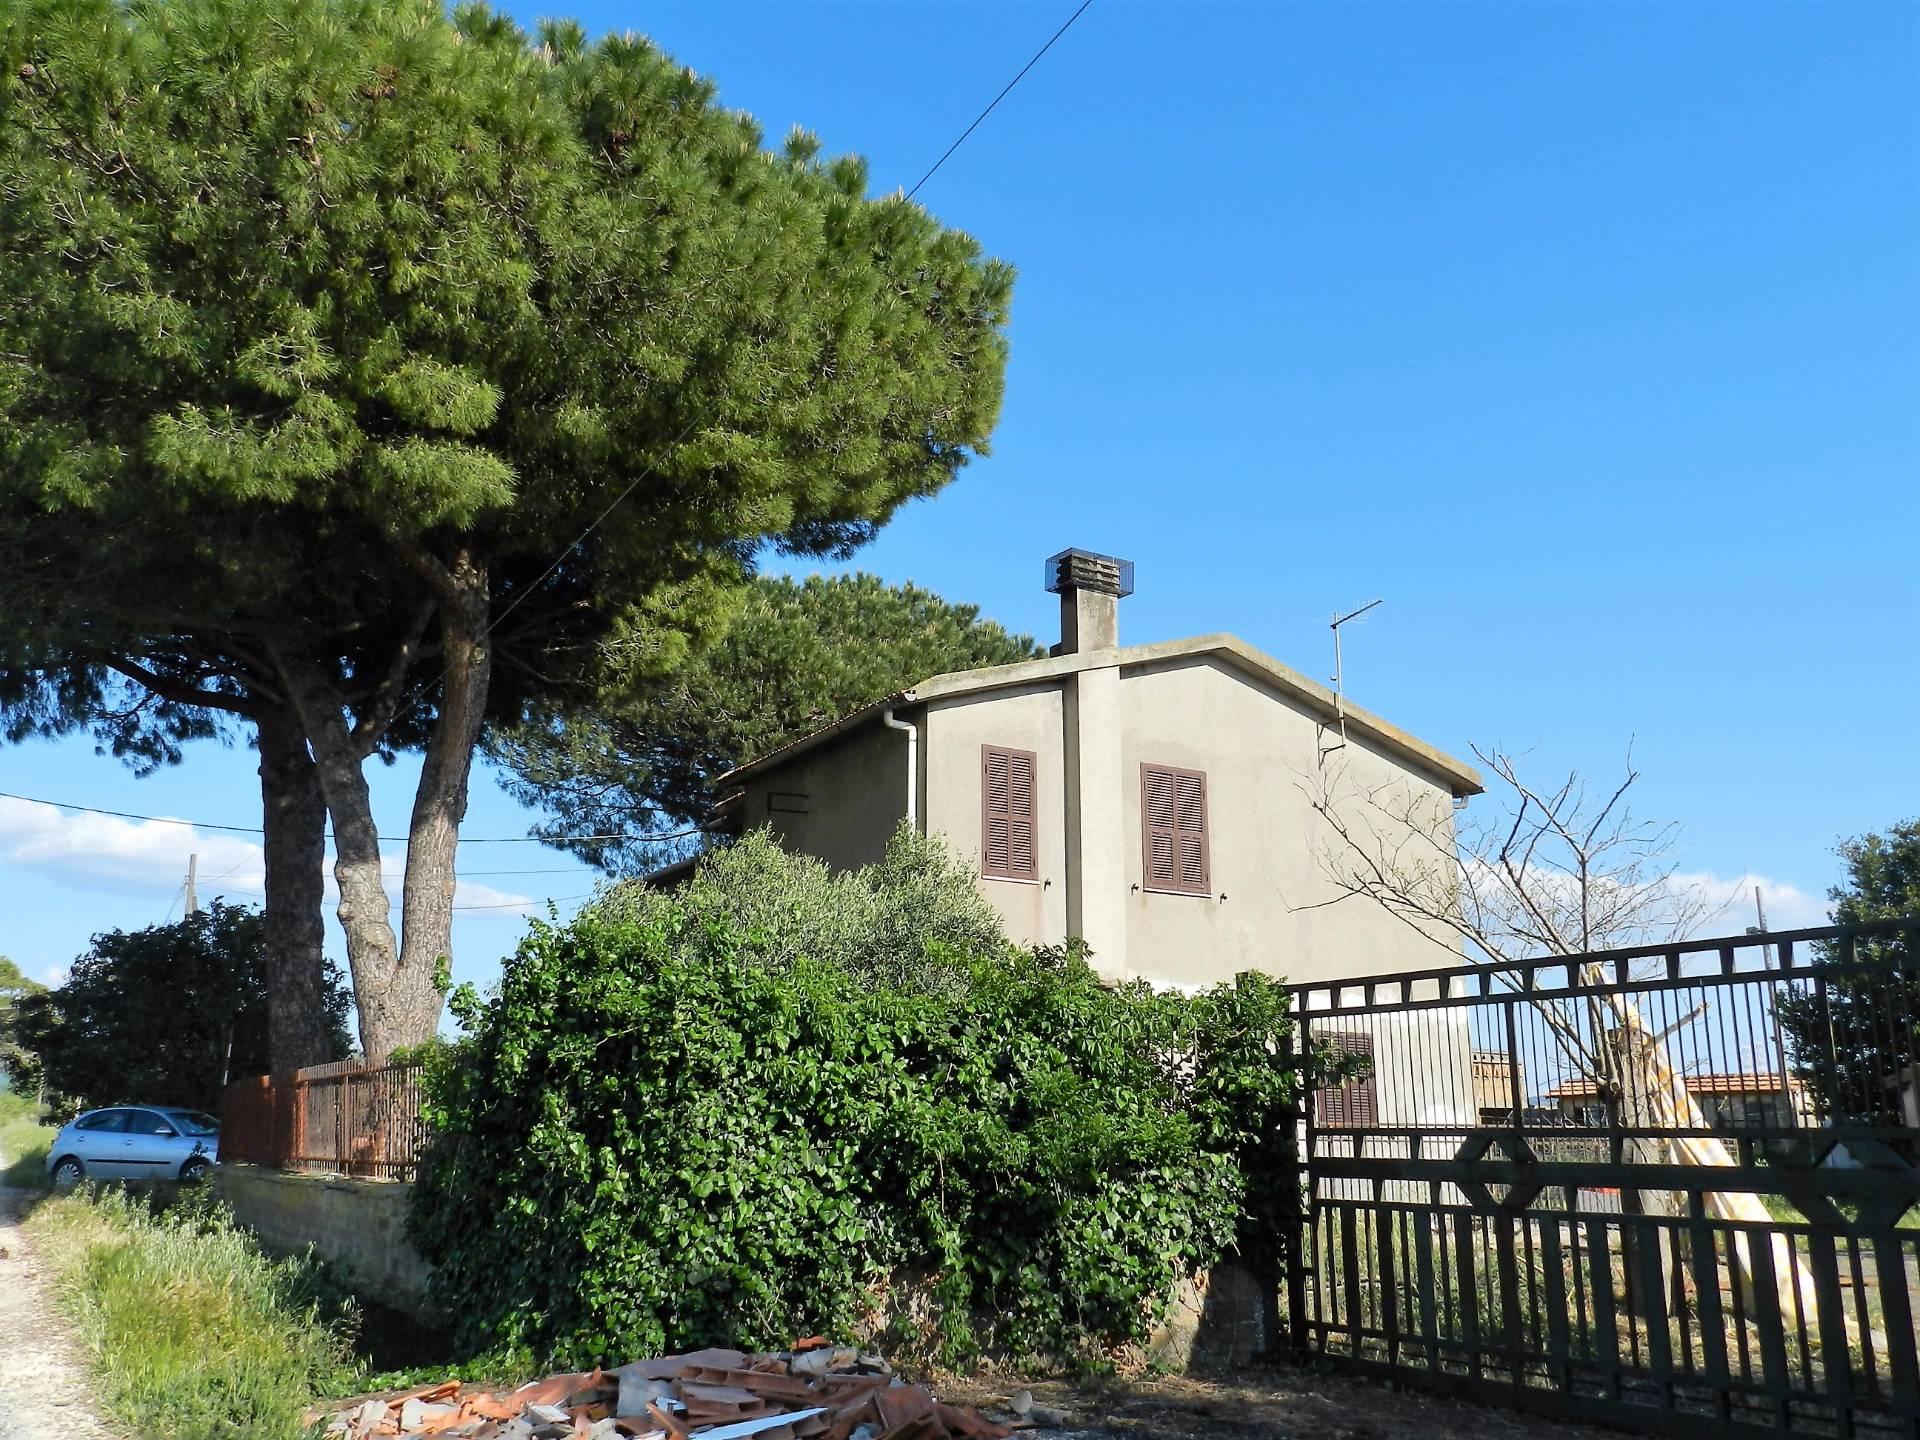 Rustico / Casale in vendita a Tarquinia, 5 locali, zona Località: Campagna-Farnesiana, prezzo € 165.000 | CambioCasa.it